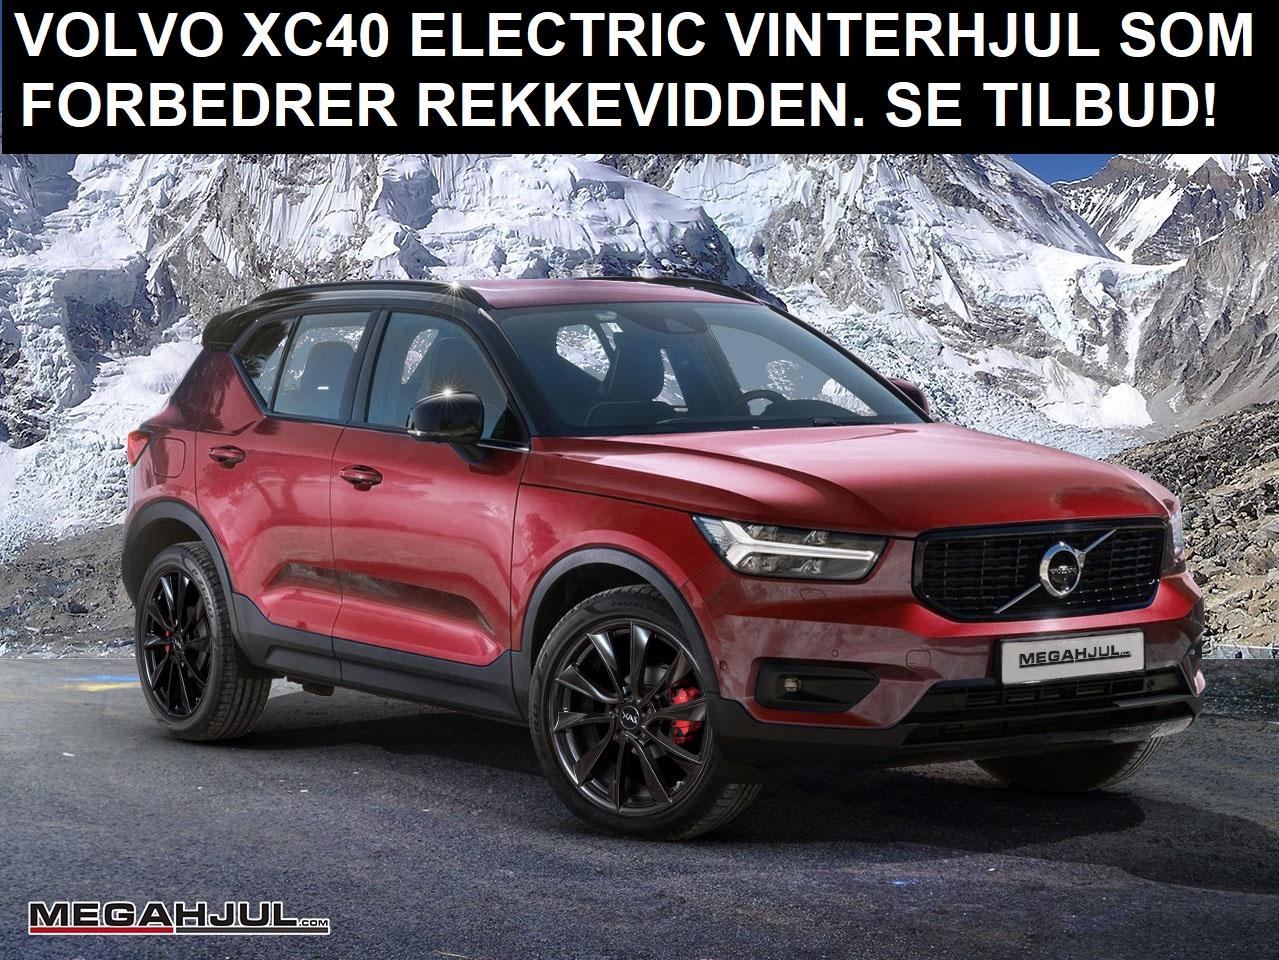 volvo-xc40-vinterhjul-bedre-rekkevidde